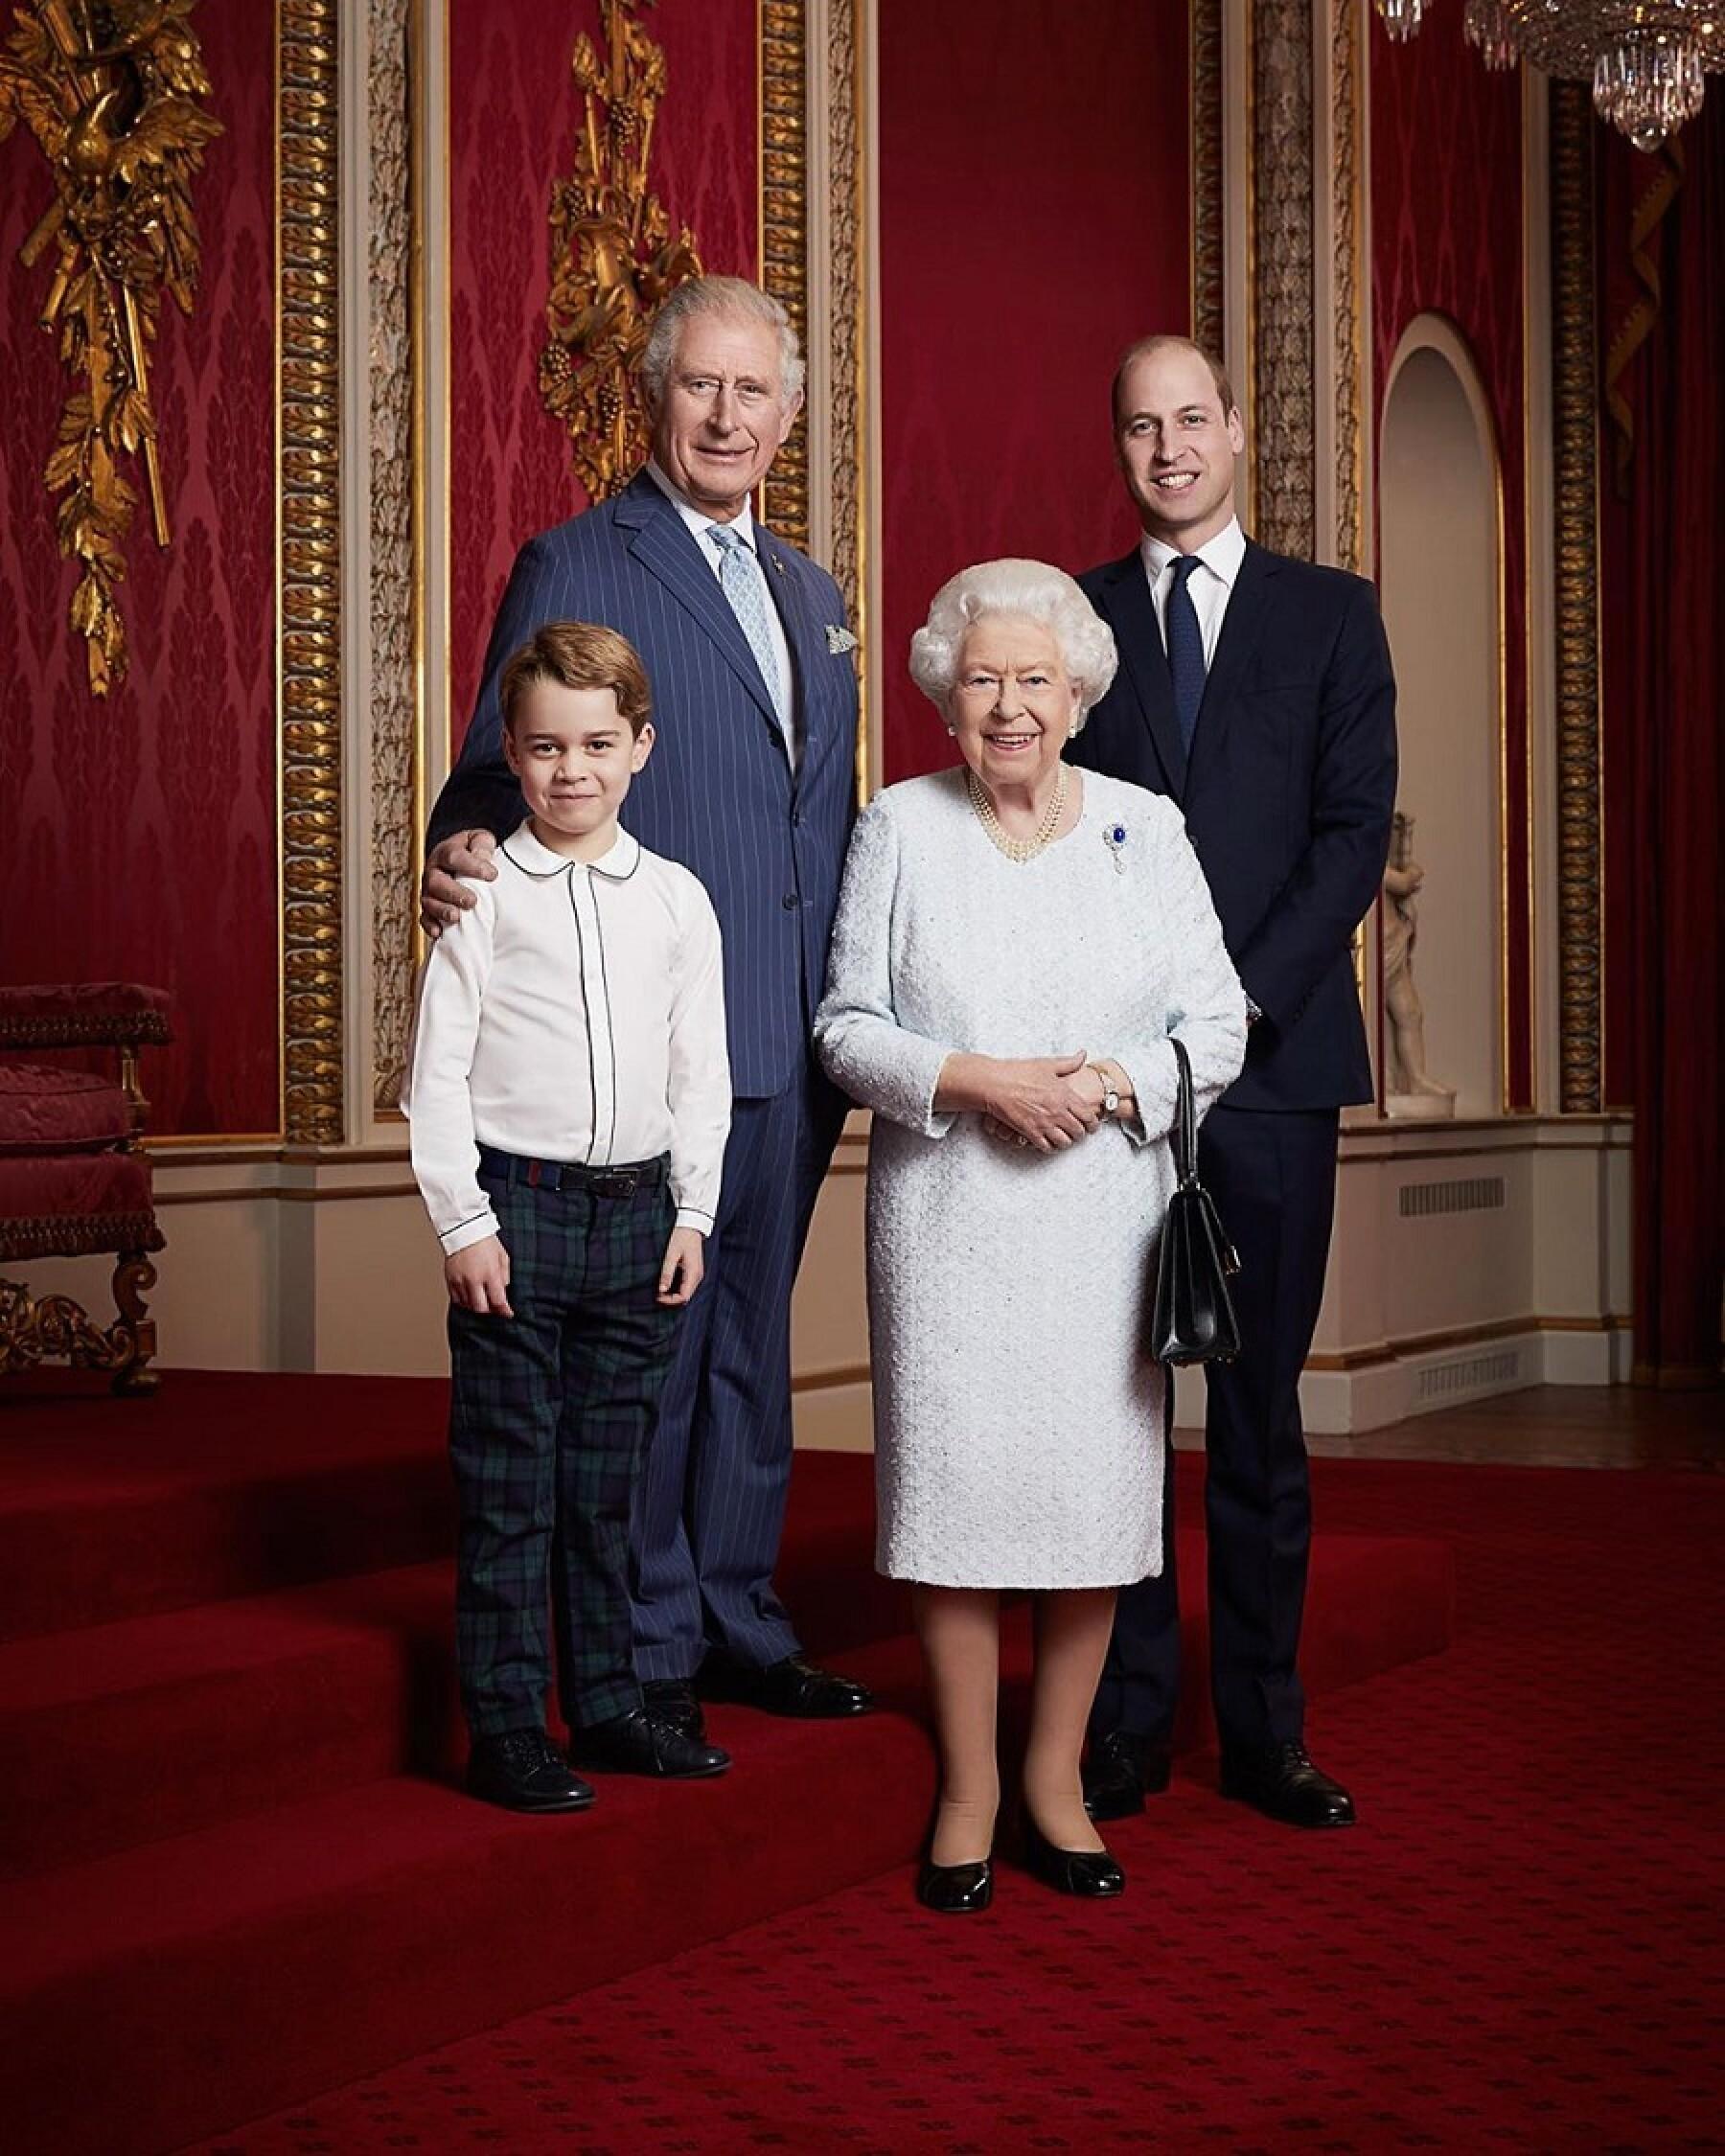 Príncipe Carlos, príncipe William, príncipe George y la reina Isabel II